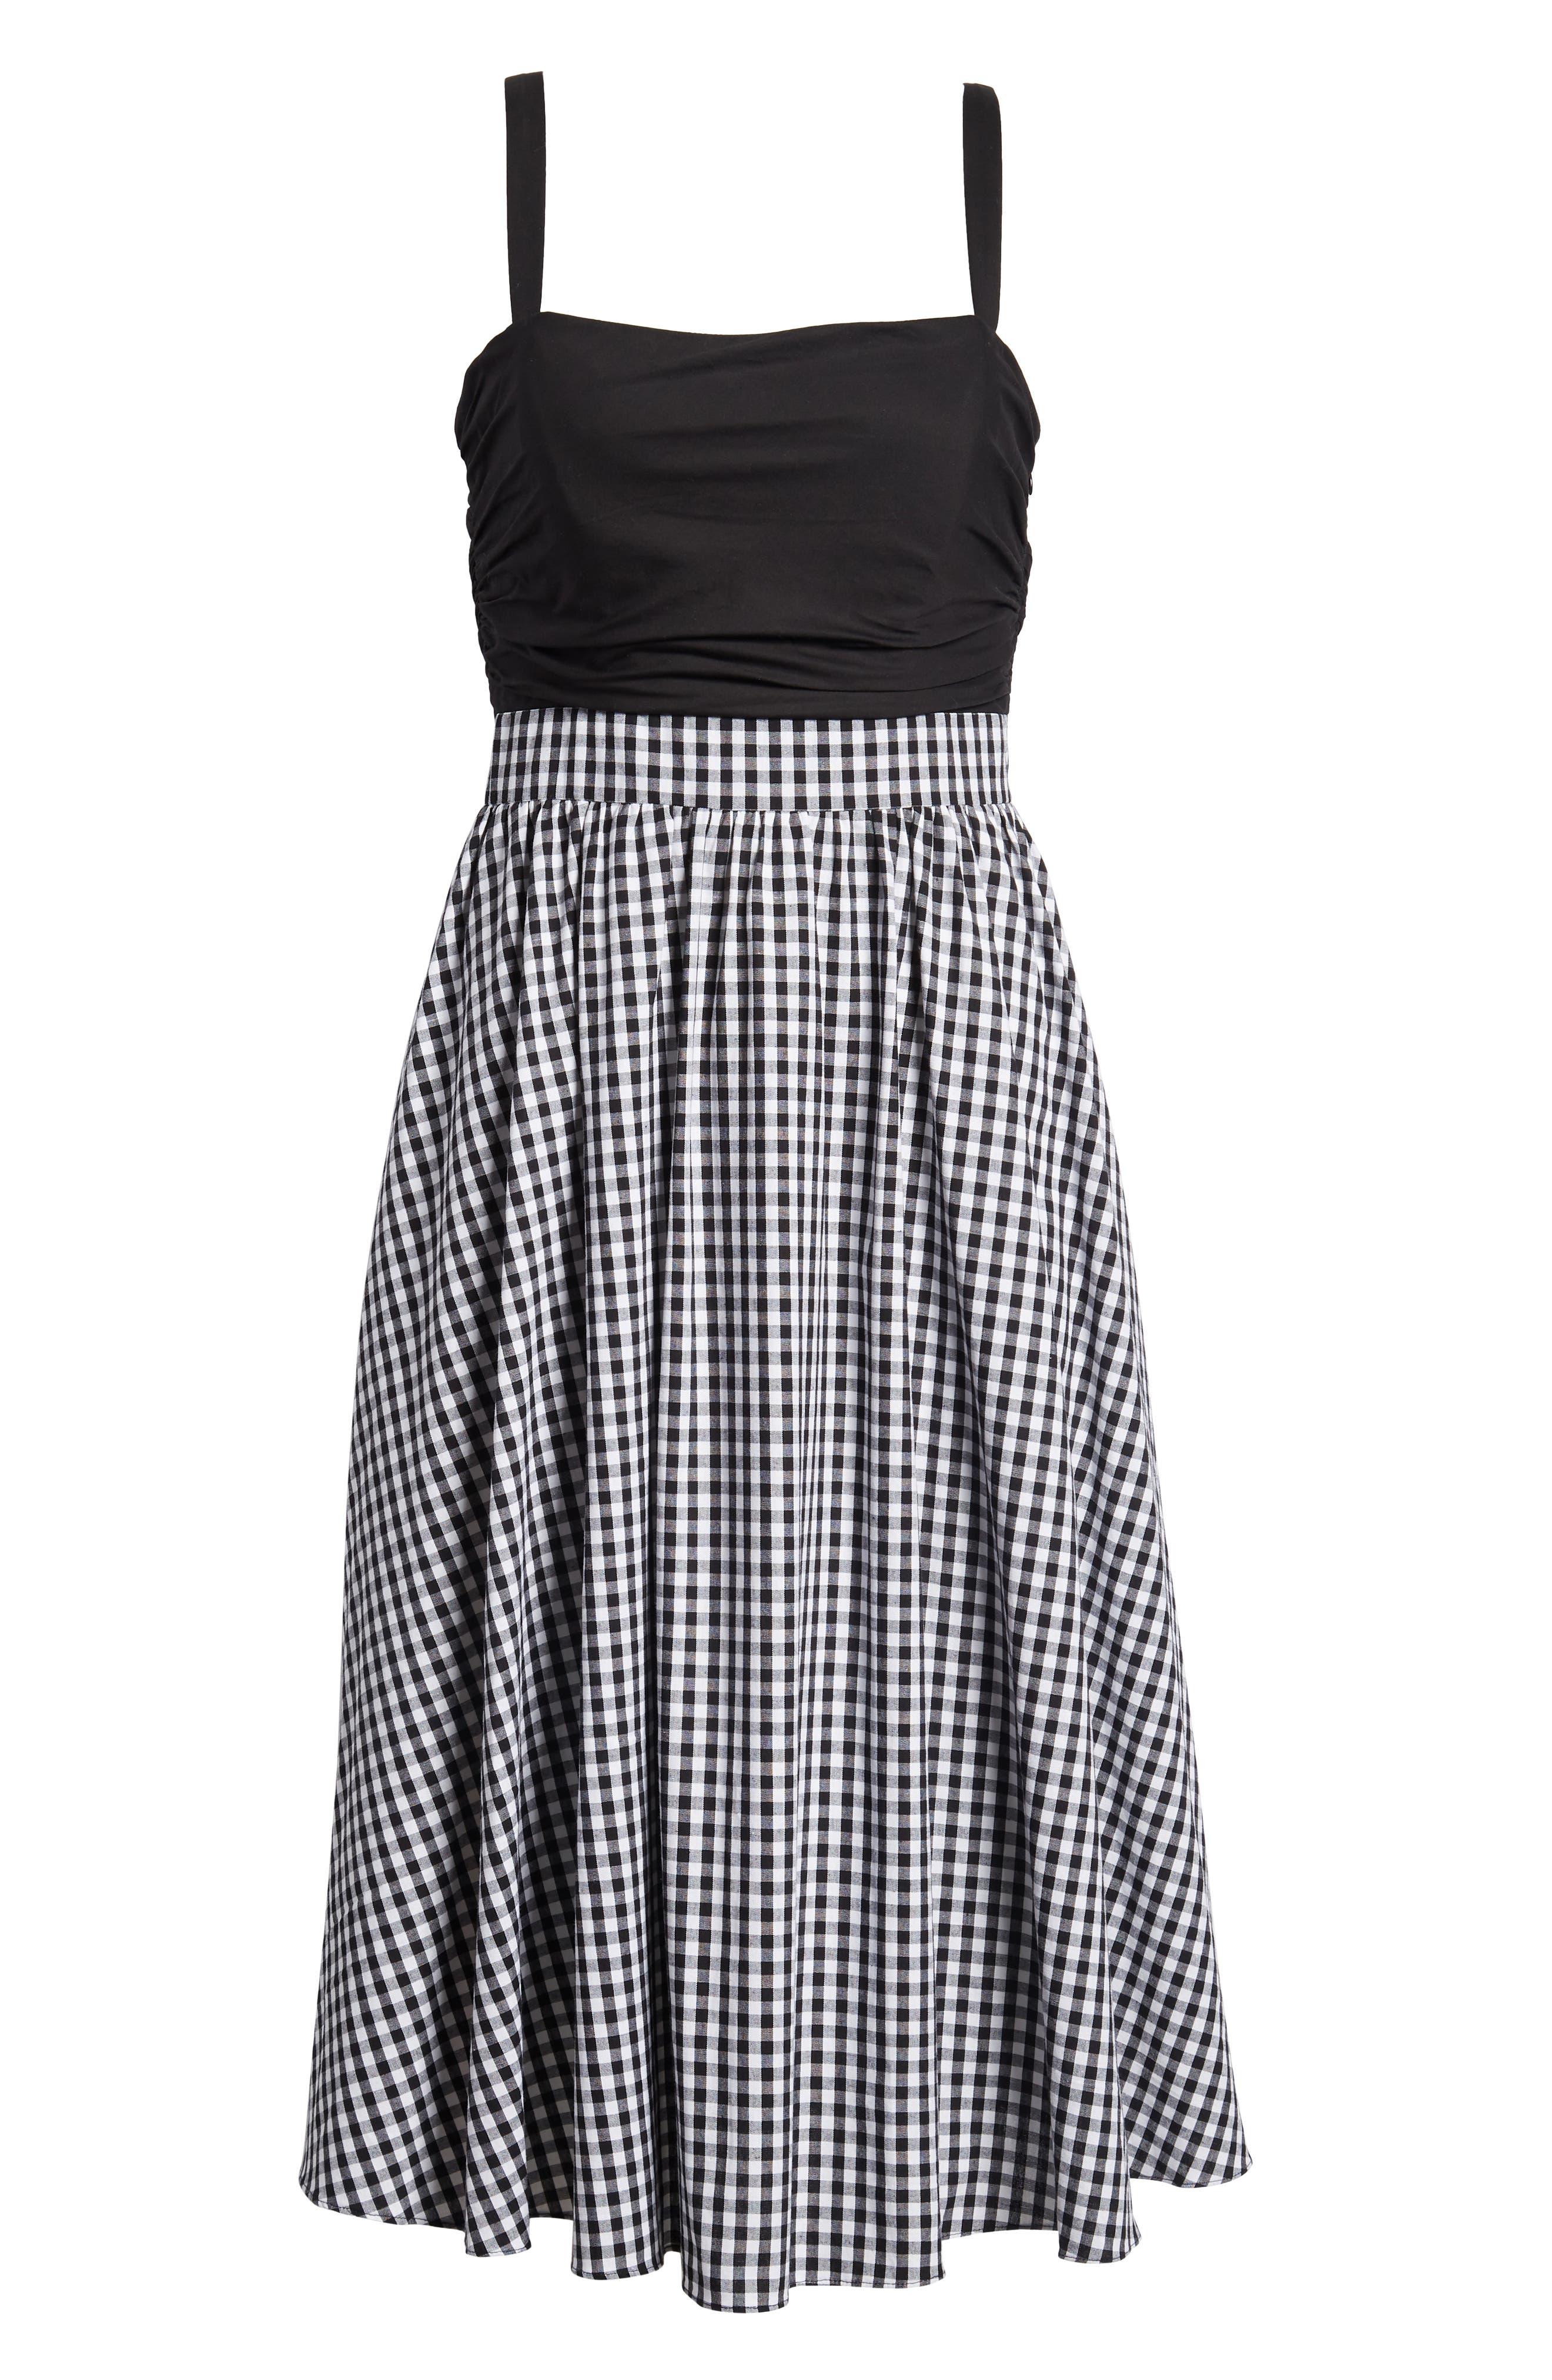 Bow Back Gingham Dress,                             Alternate thumbnail 7, color,                             Black- White Gingham